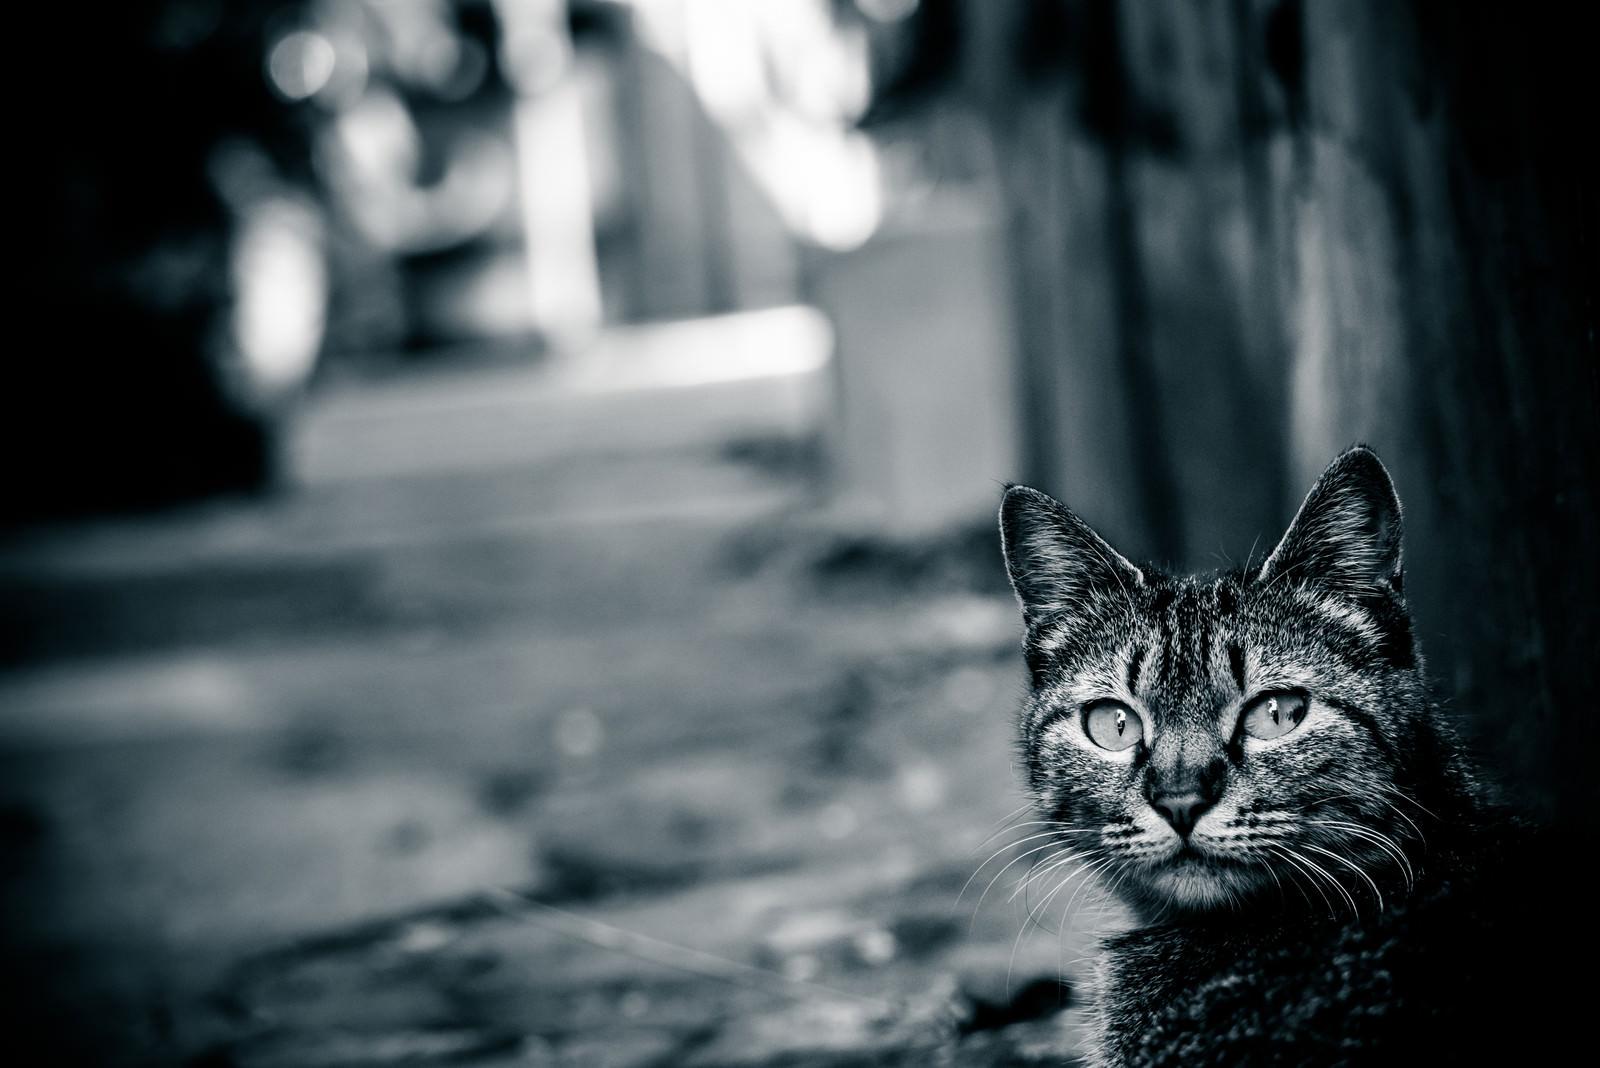 「異世界への猫の案内人」の写真